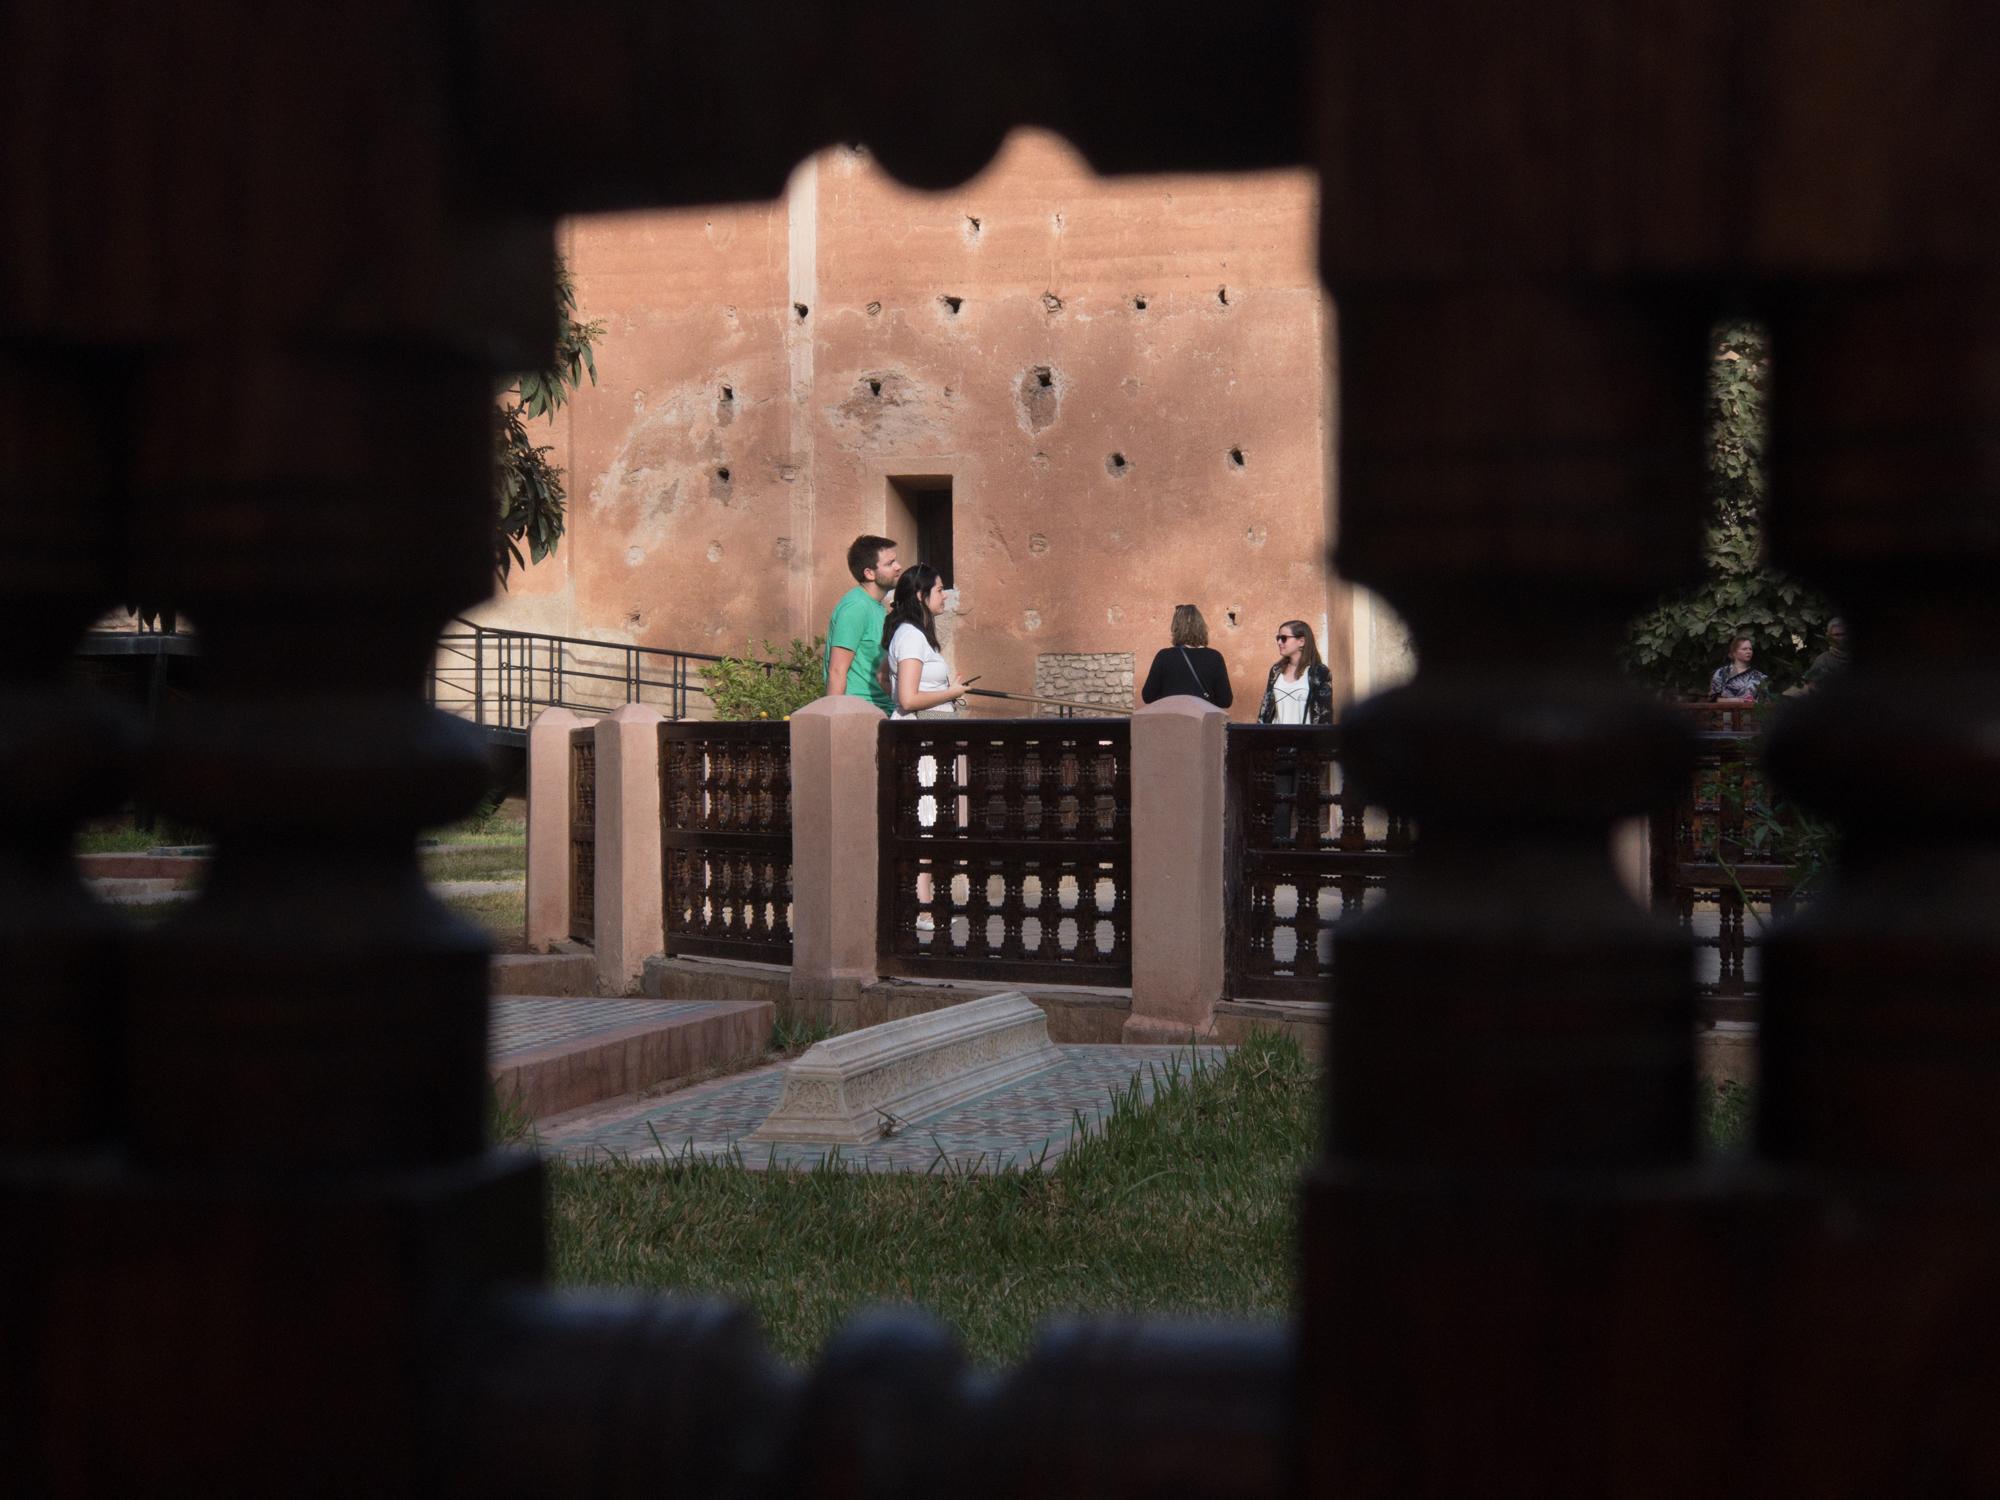 Marrakech_iPhone8+_Photos - Blog_Photos-55.jpg